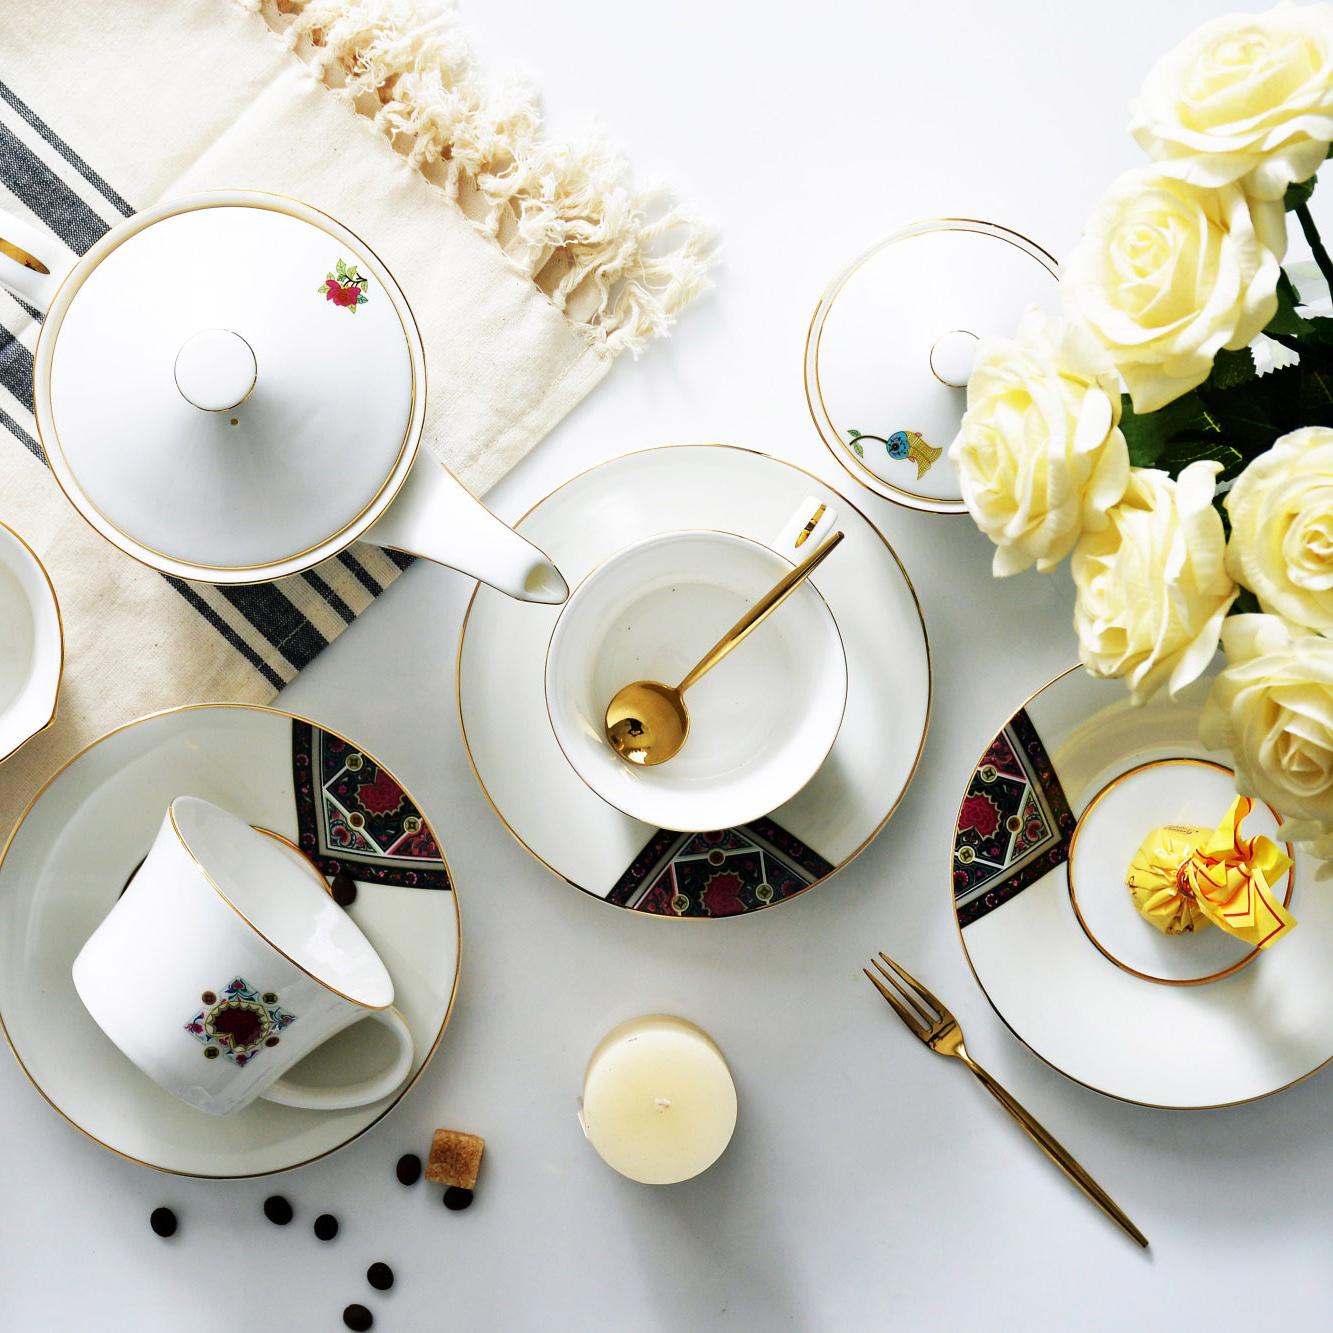 牡丹咖啡具